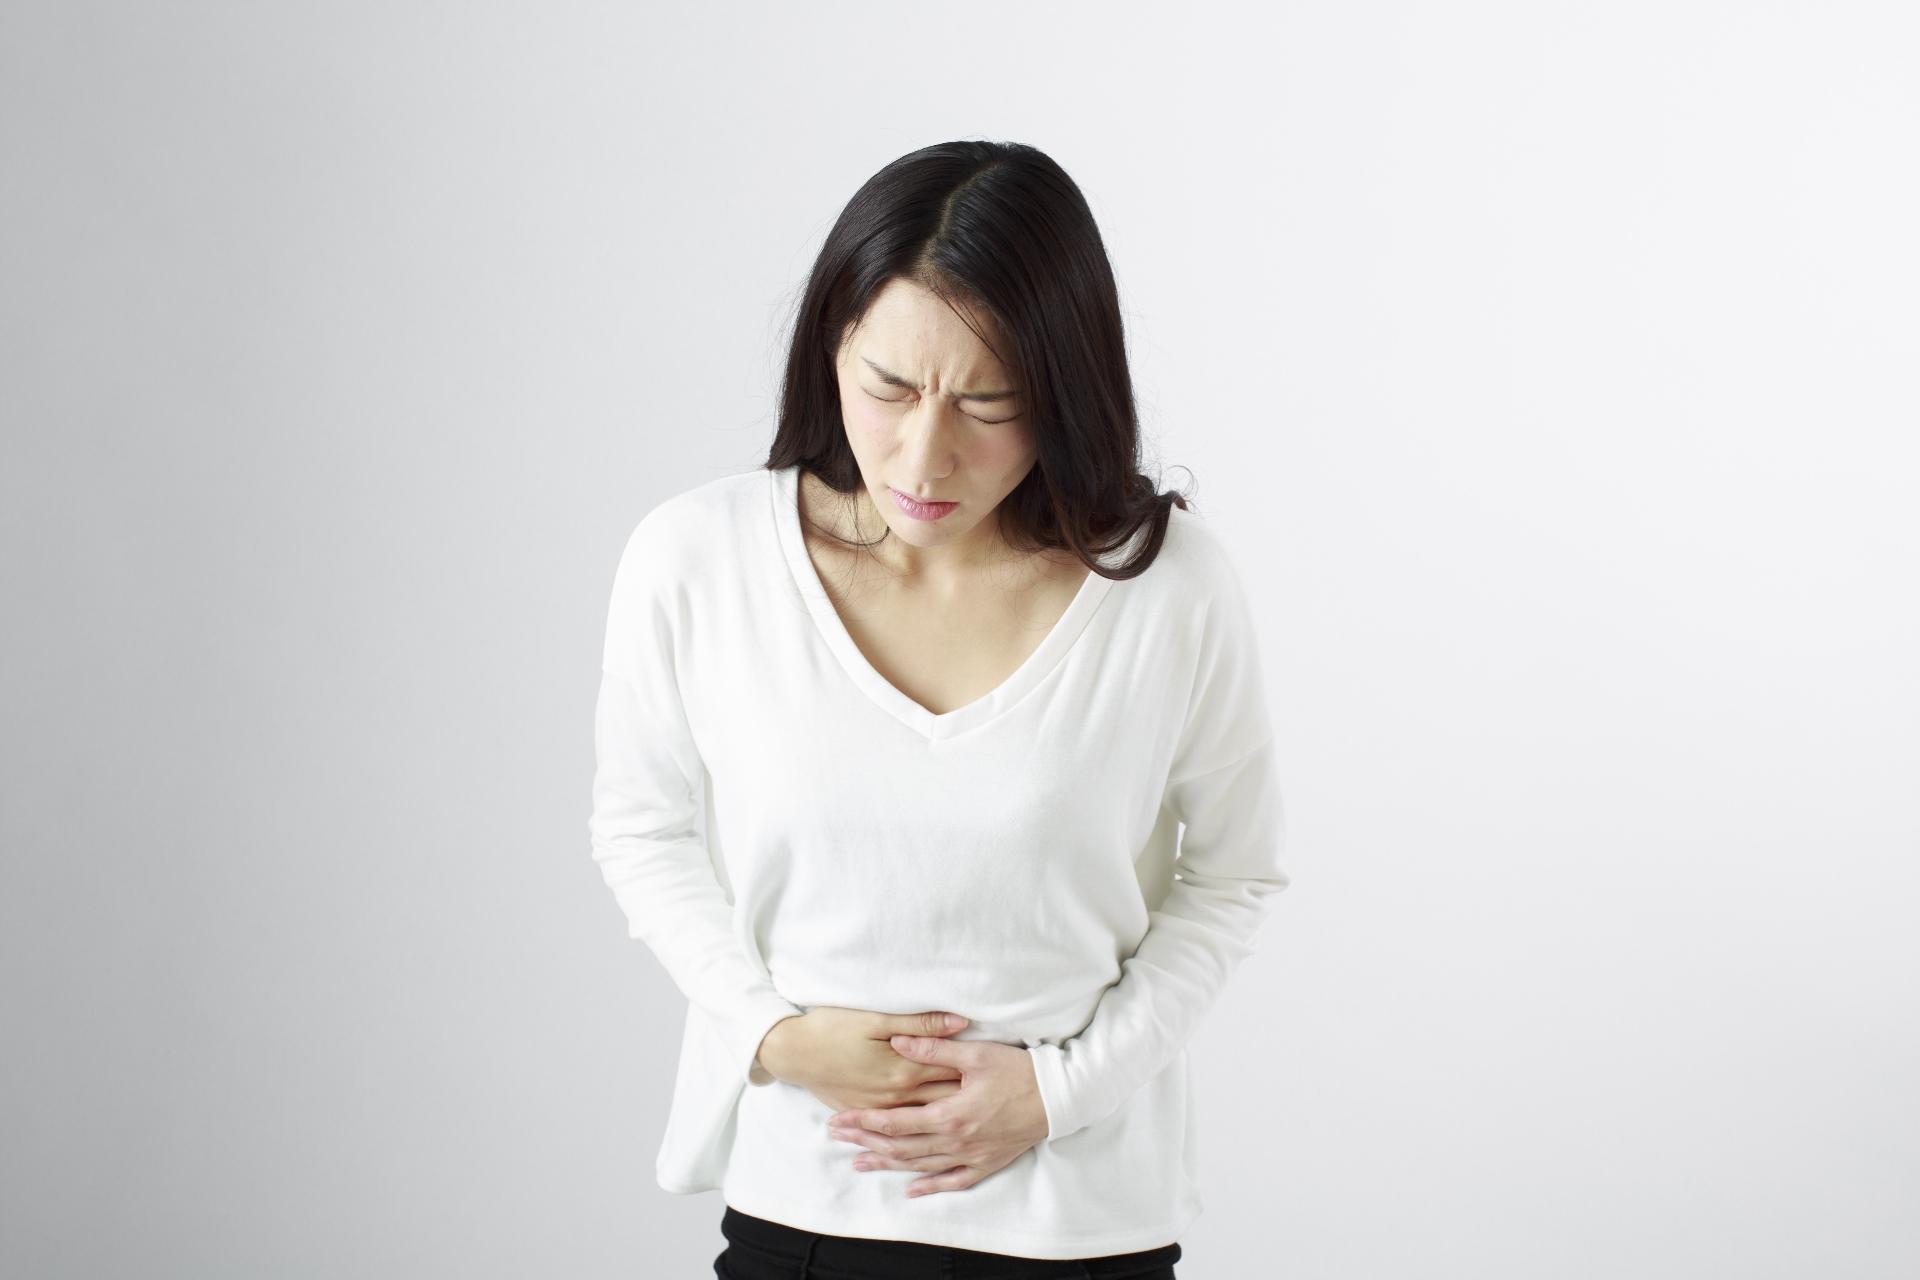 子宮を全摘出した場合の身体的・精神的デメリット